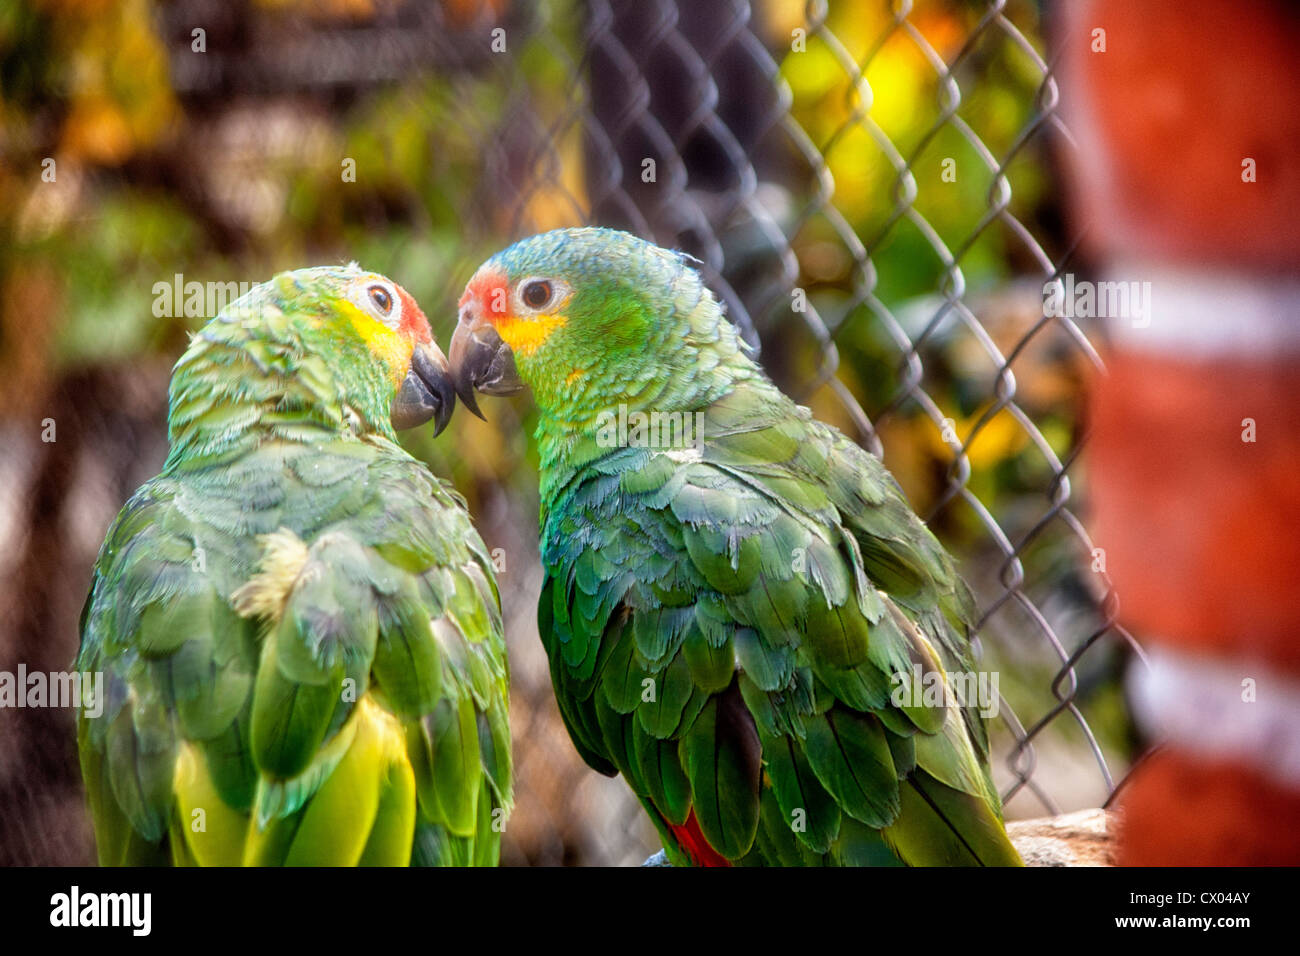 Parrots in Parque Loro Zoo in Puebla, Mexico - Stock Image